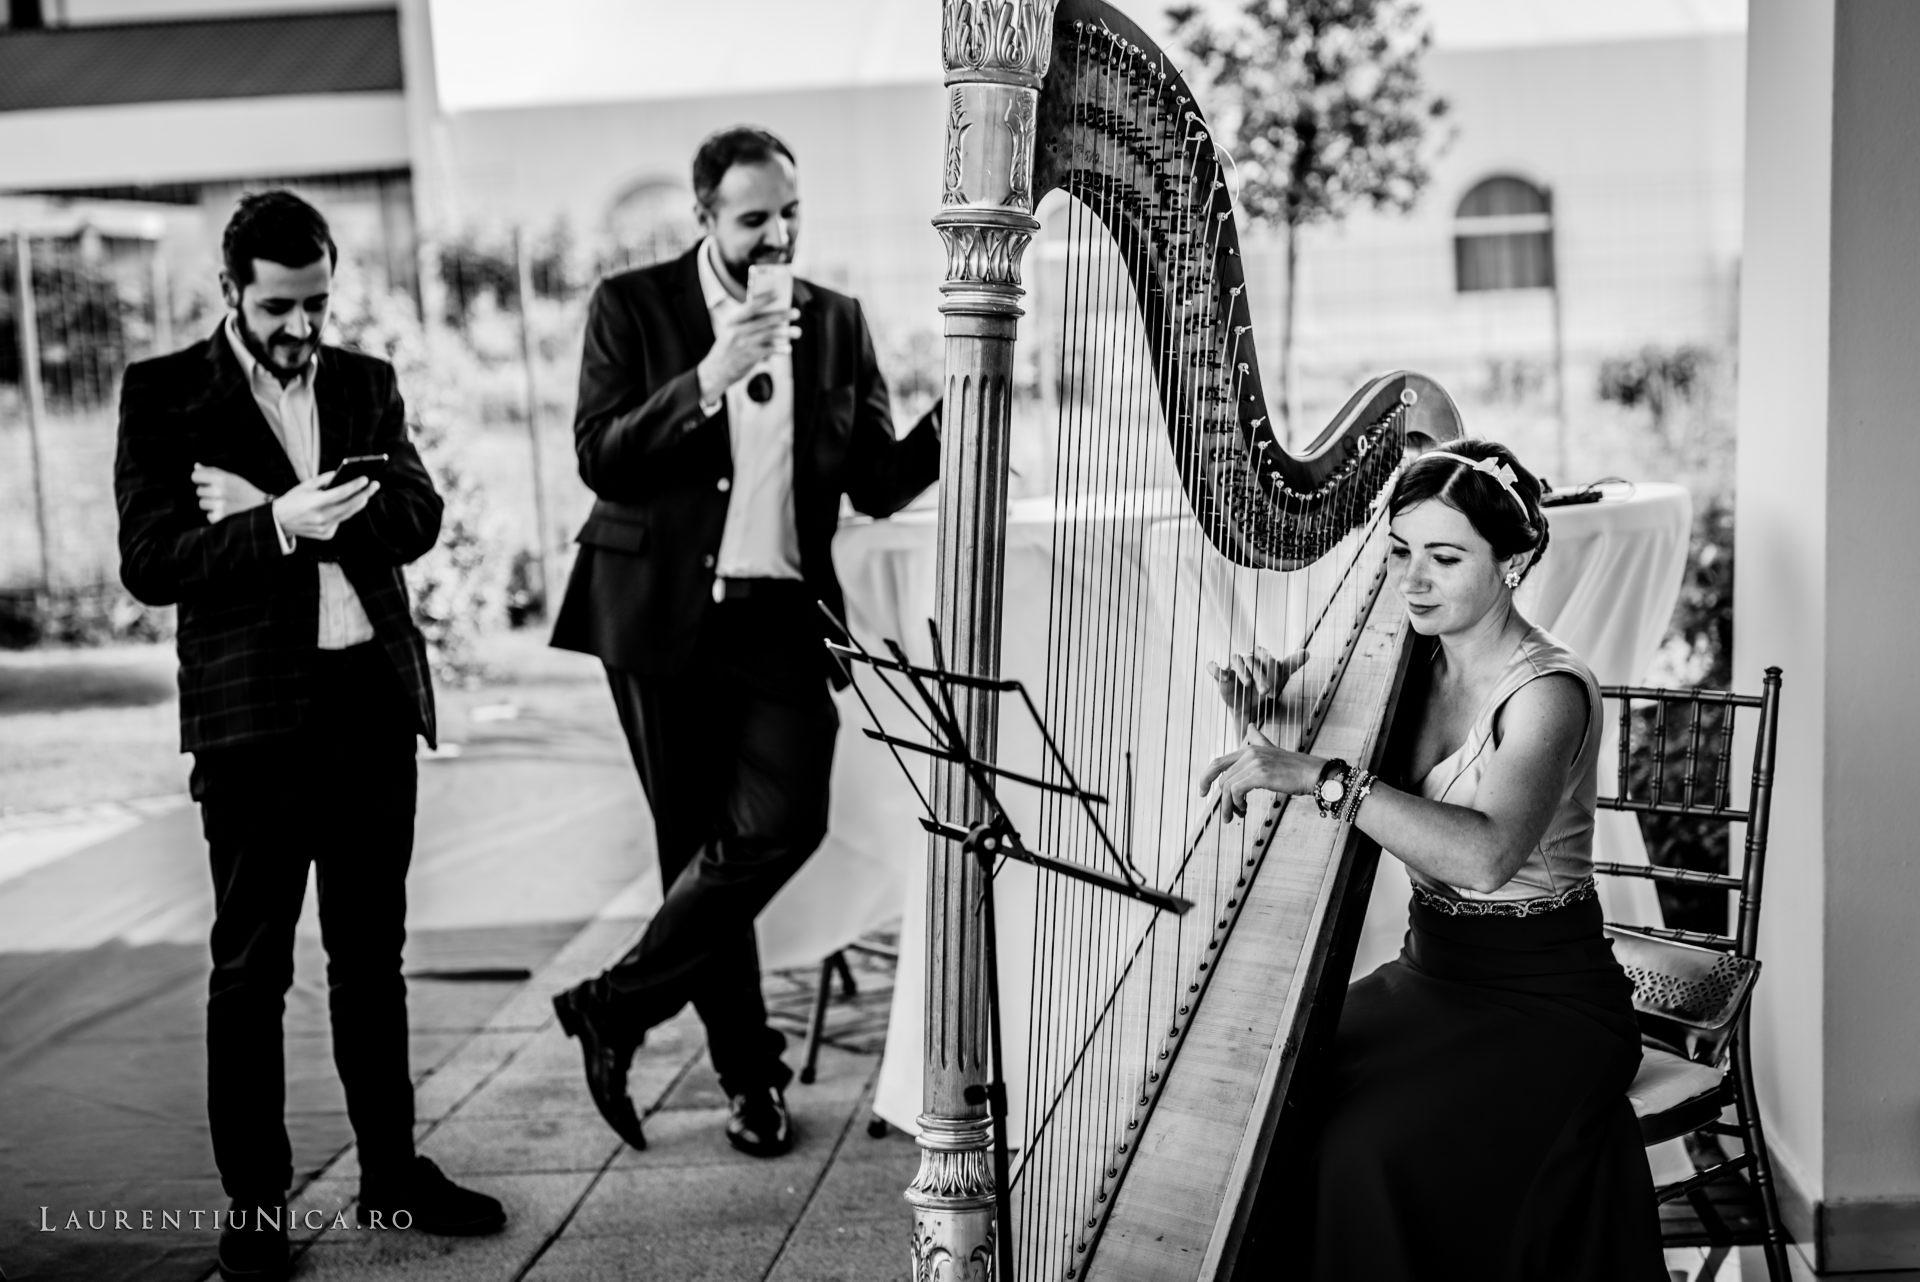 denisa si catalin fotograf nunta laurentiu nica craiova 62 - Denisa si Catalin | Fotografii nunta | Craiova